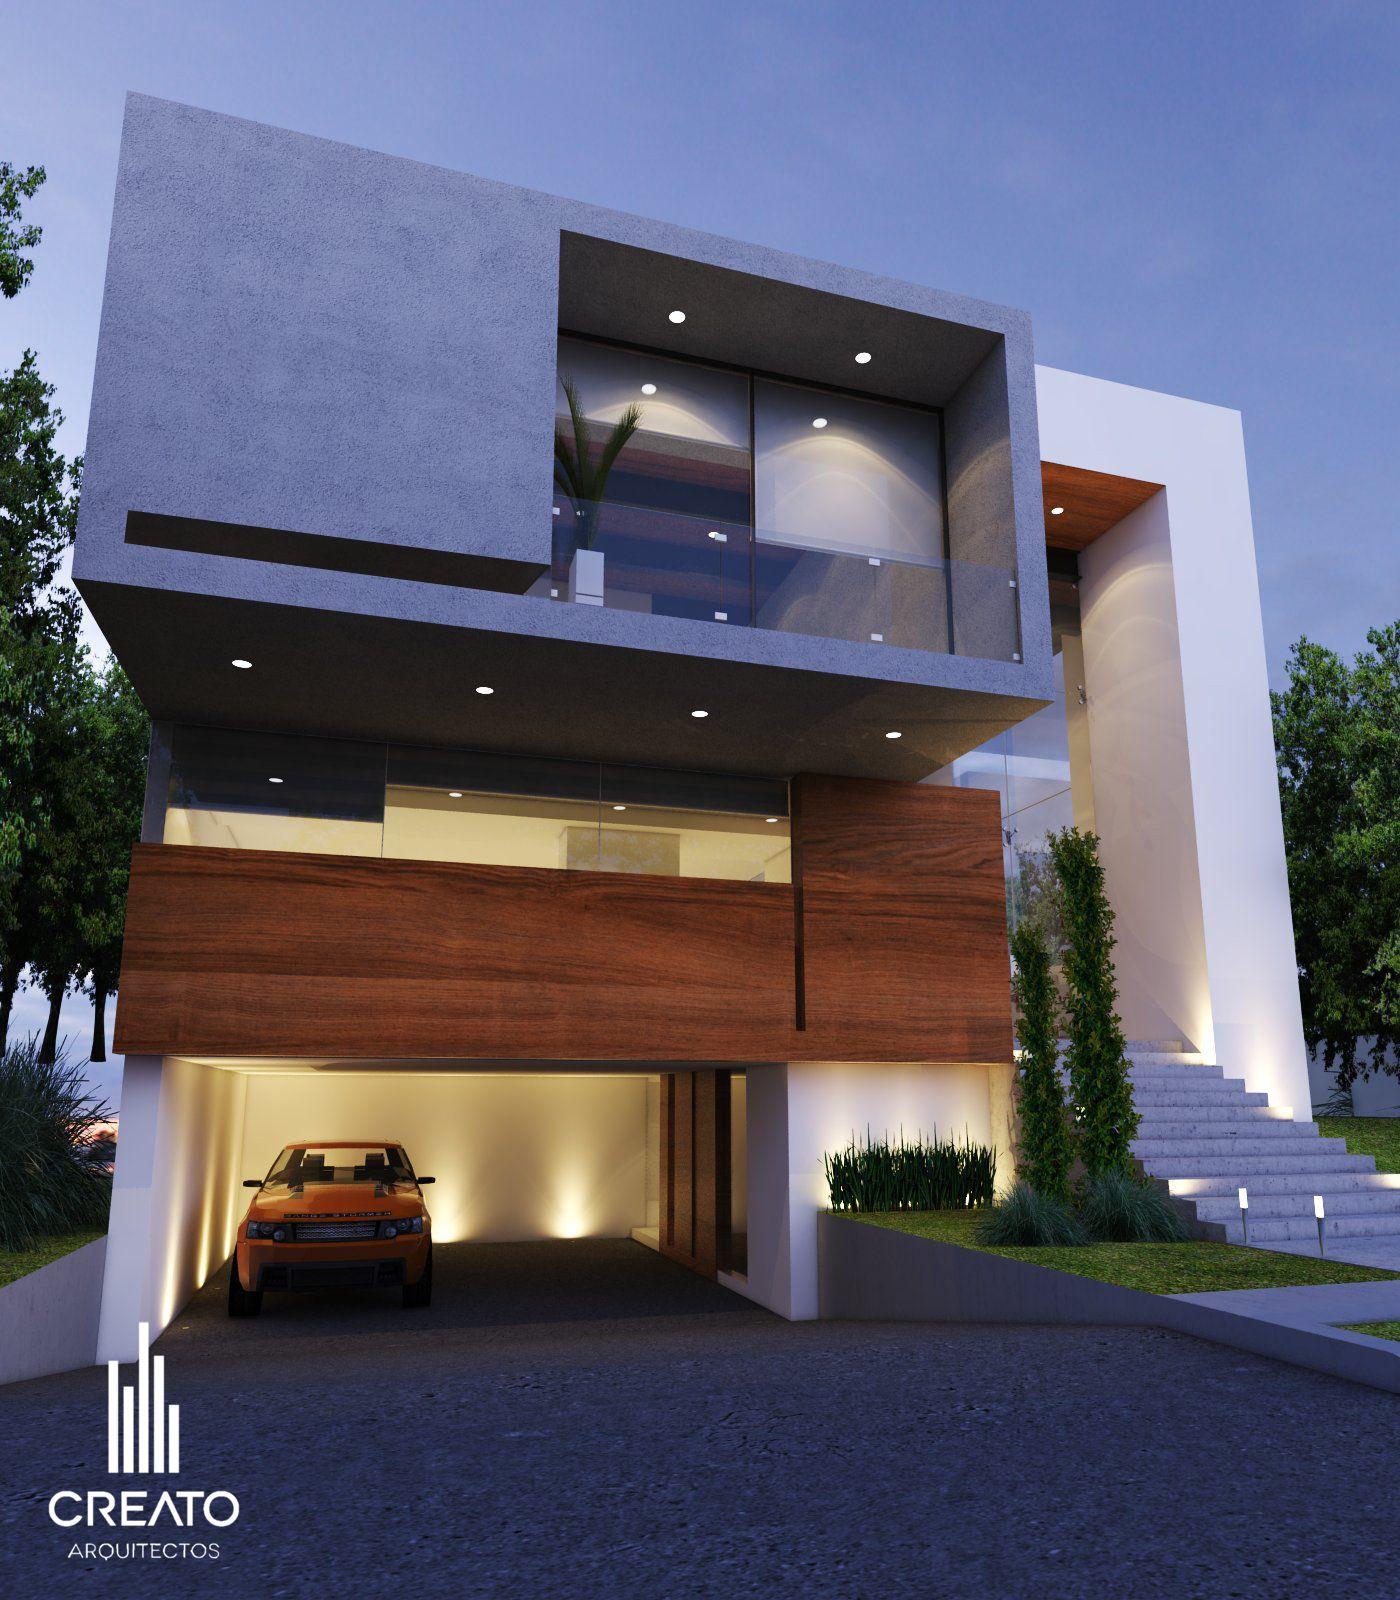 Casa campo lago por creato arquitectos salas casas arquitectos campo lago casas modernas - Arquitectos casas modernas ...